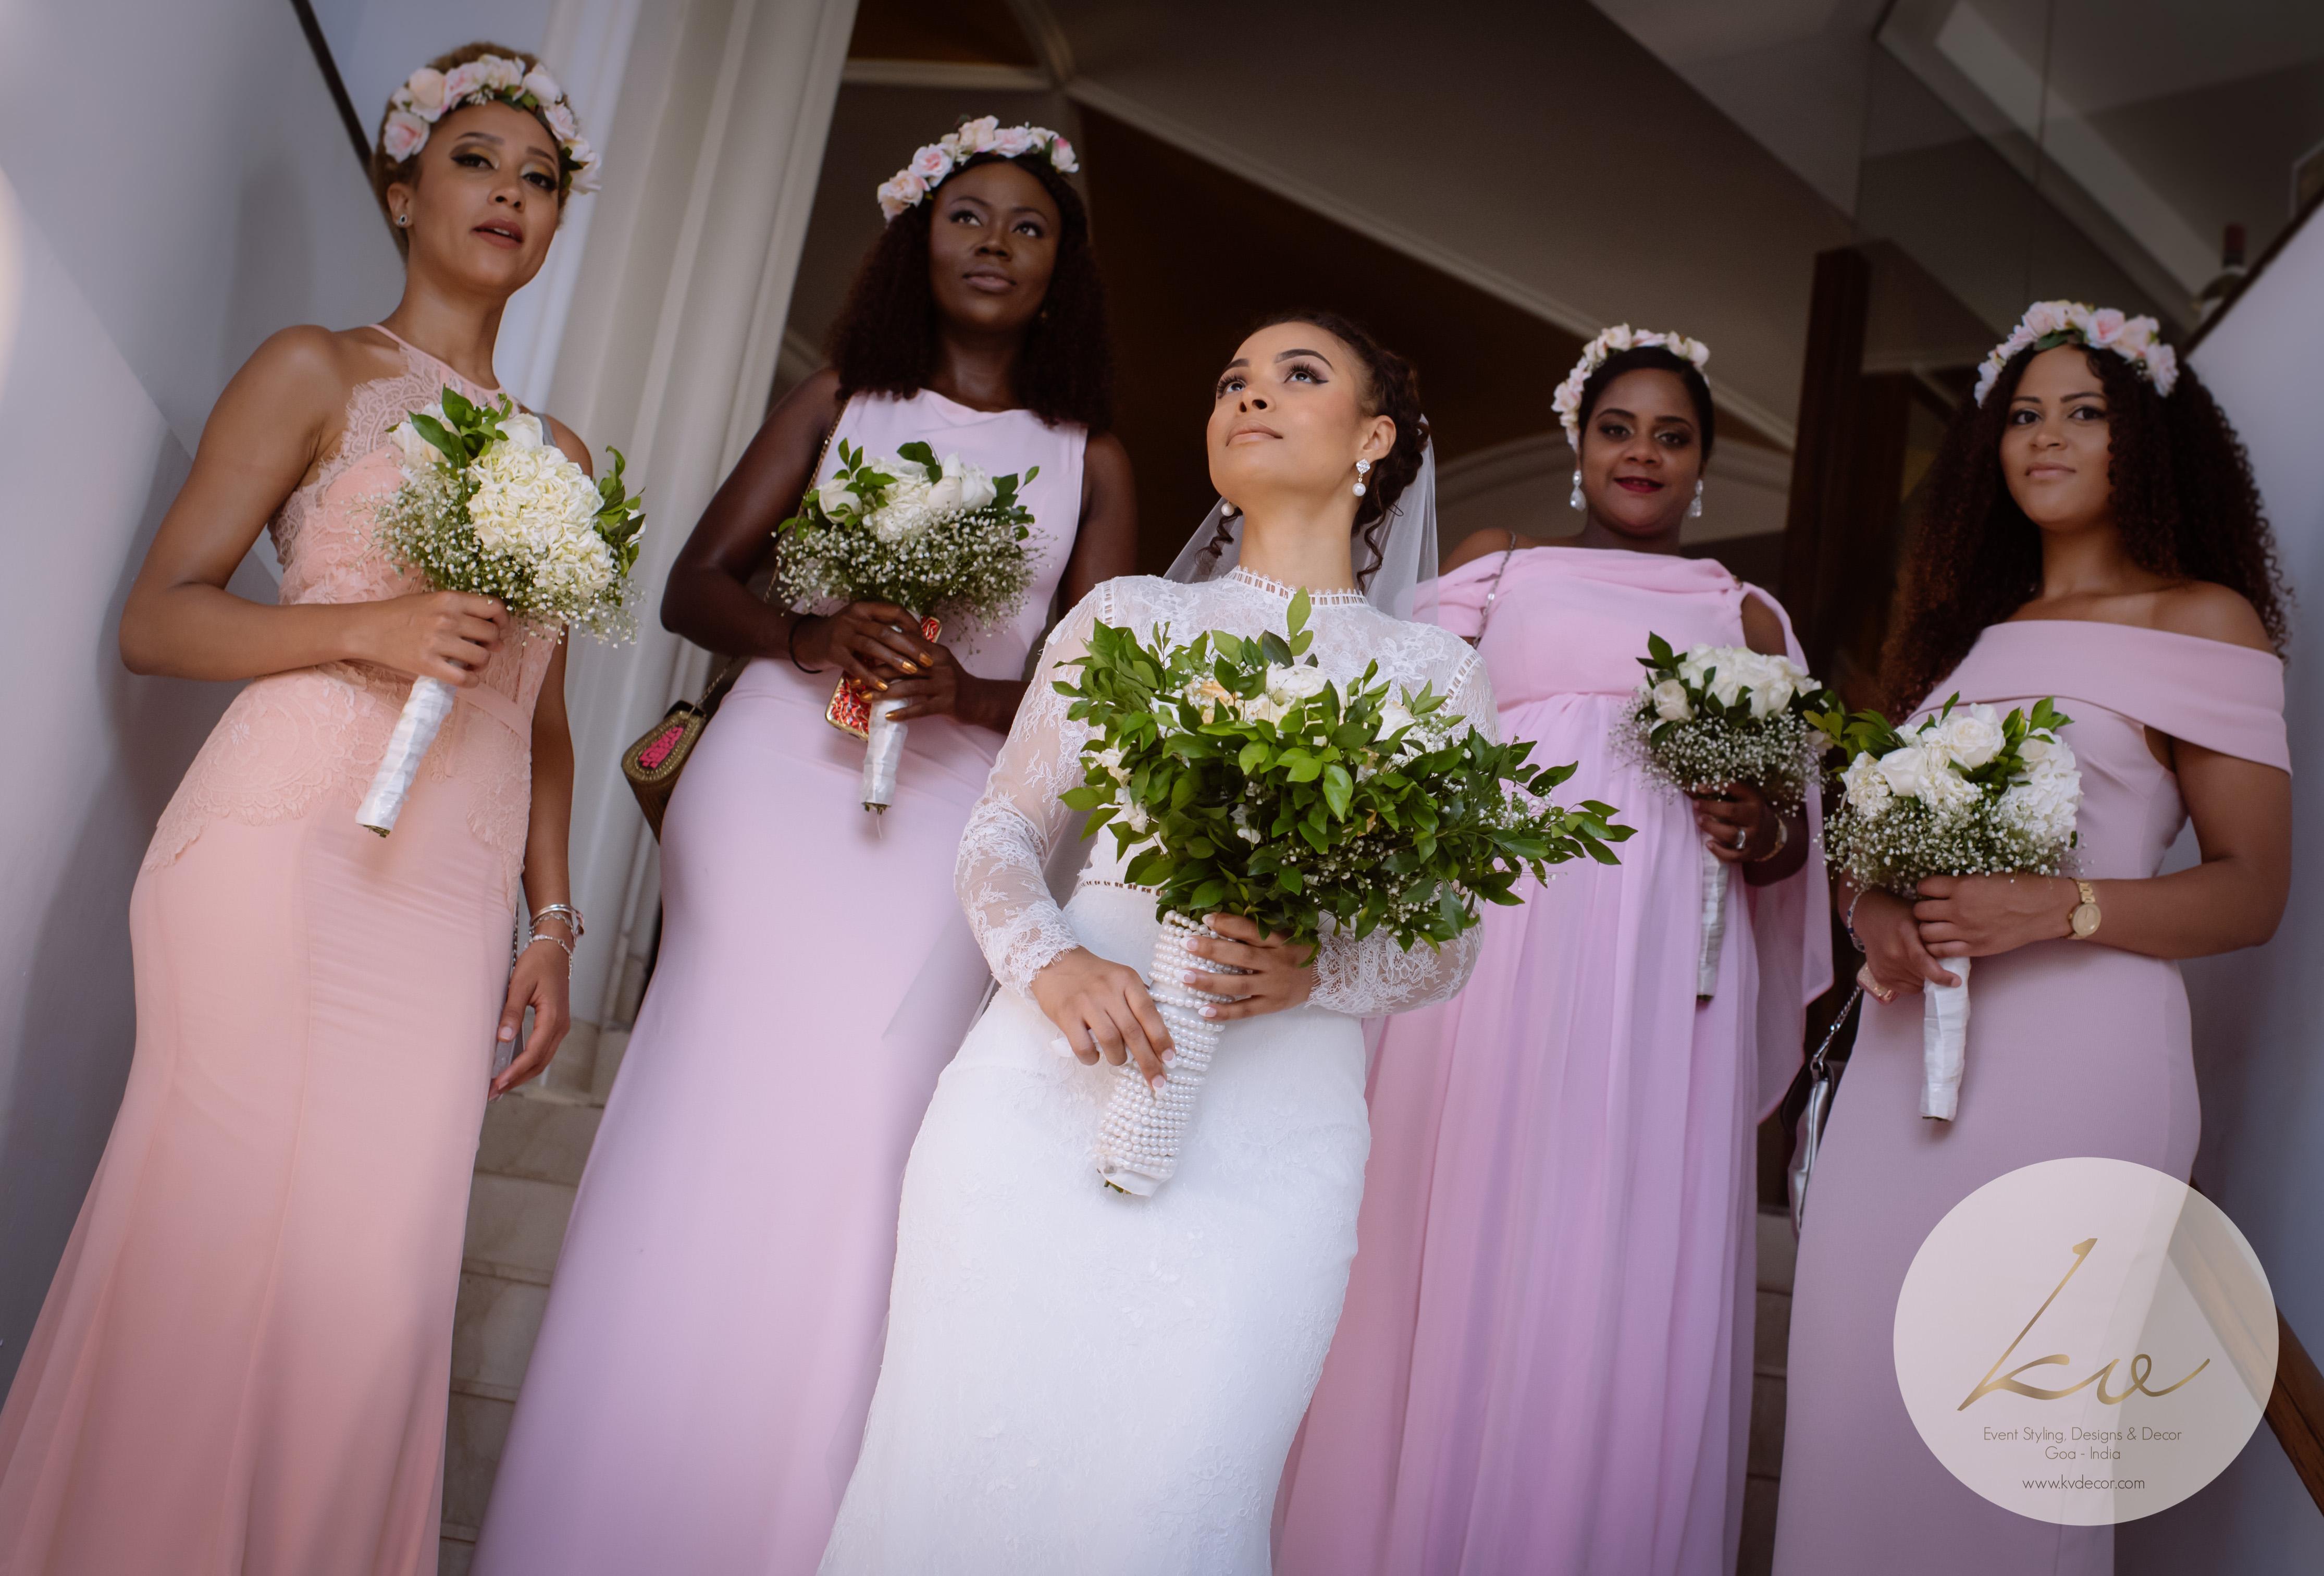 ... pretty happy brides!